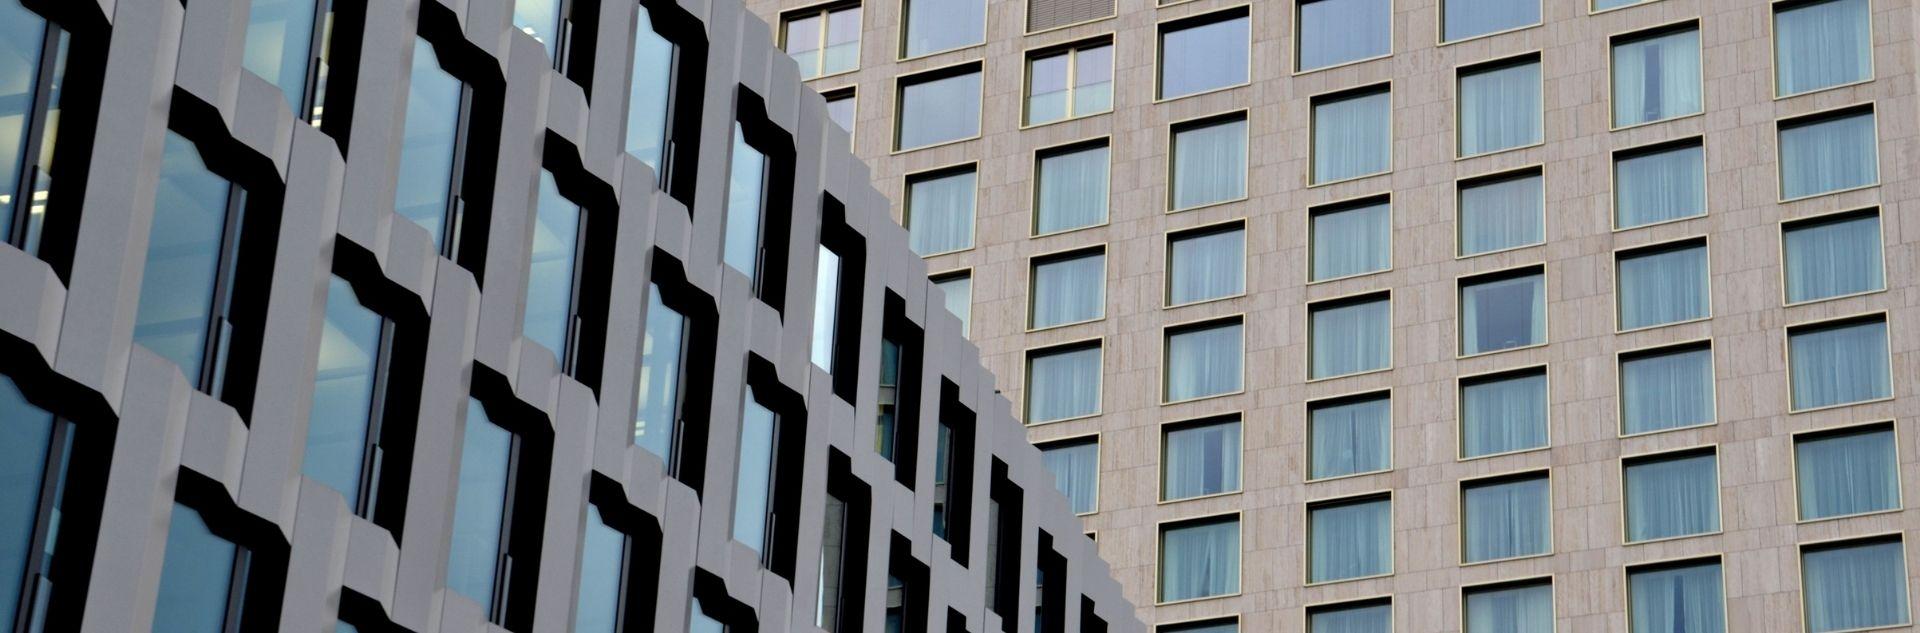 Bürogebäude in Zürich